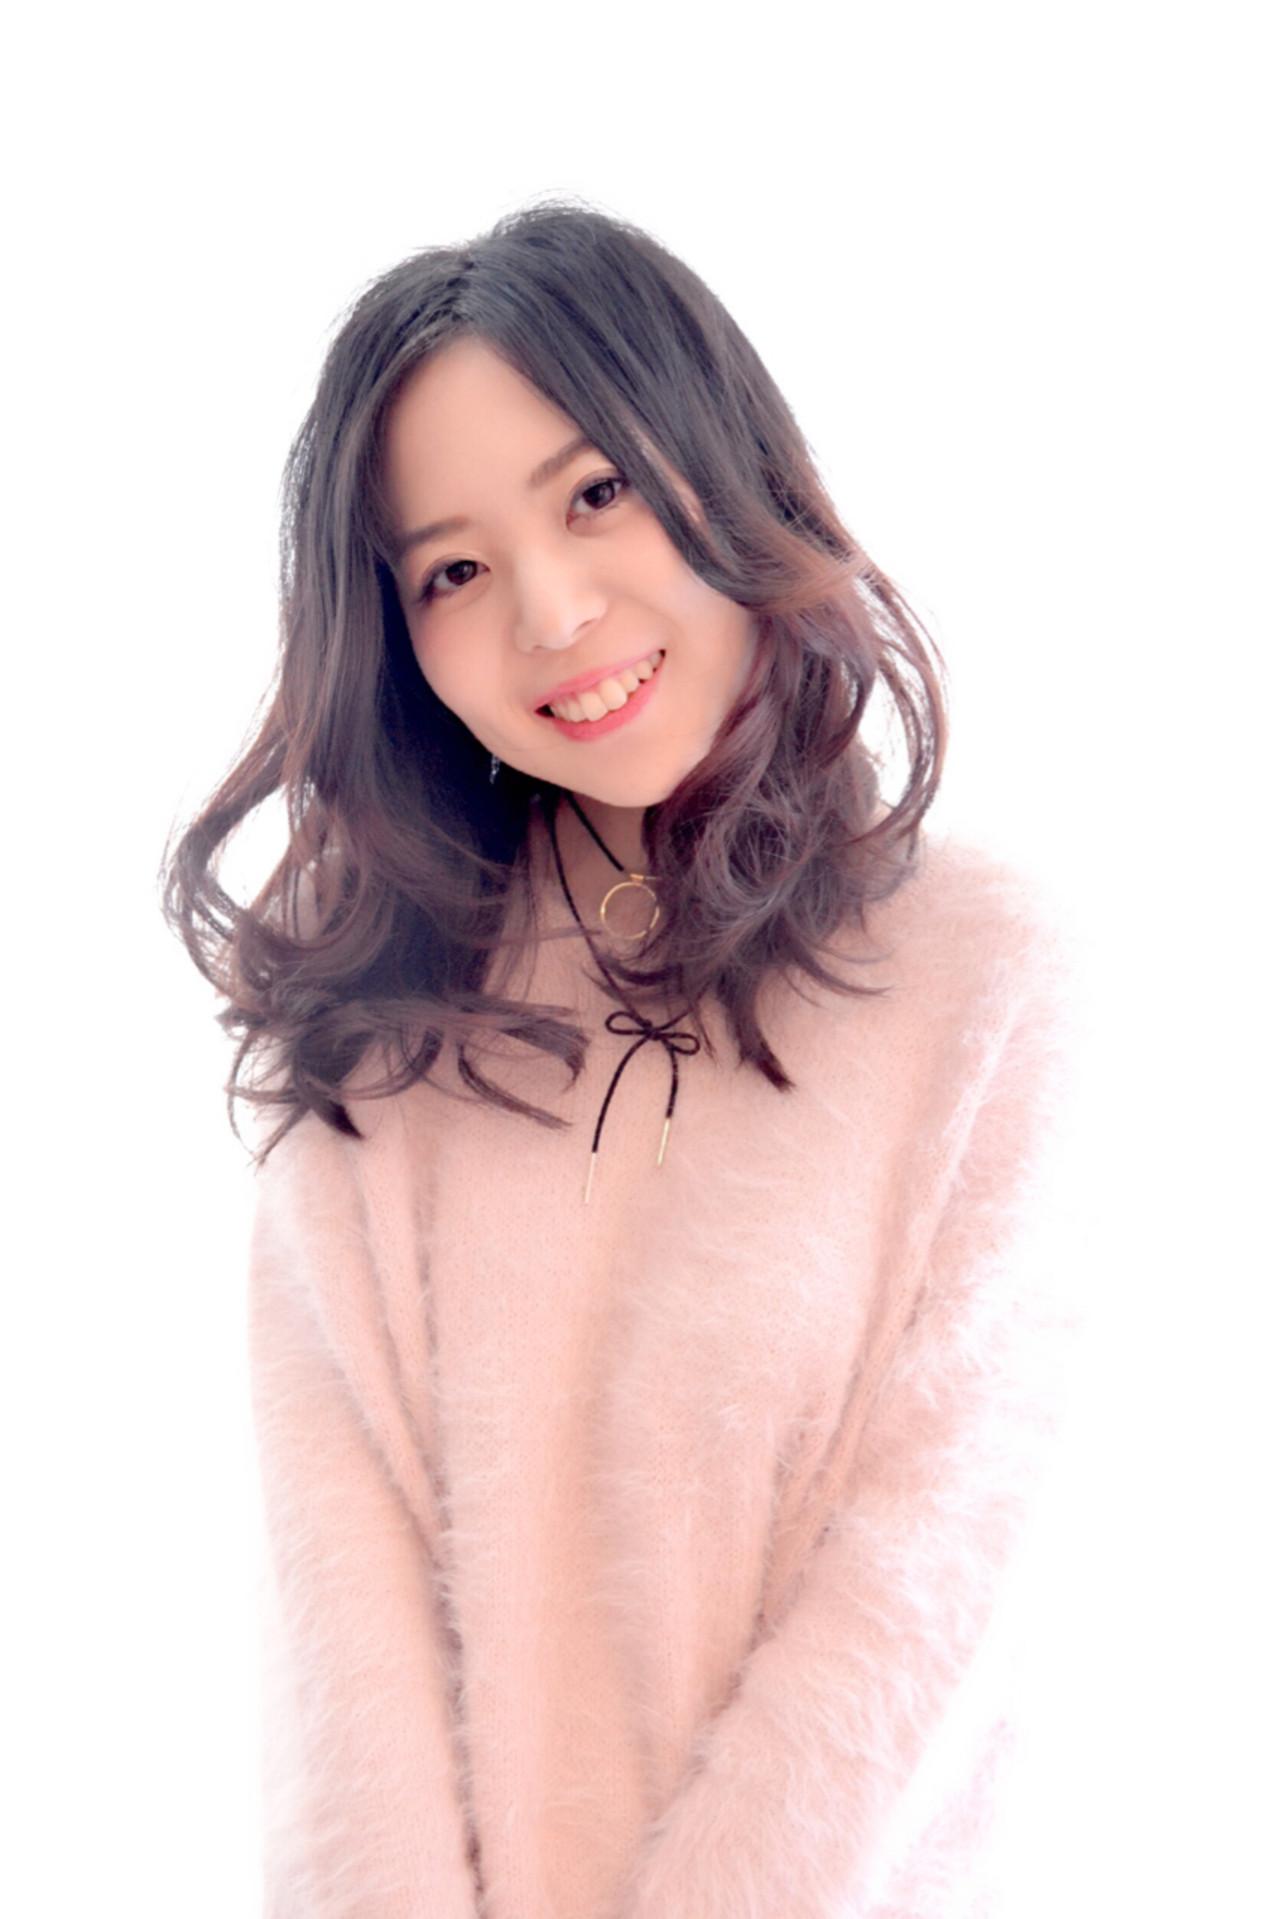 センター分け 小顔 ガーリー 大人女子 ヘアスタイルや髪型の写真・画像